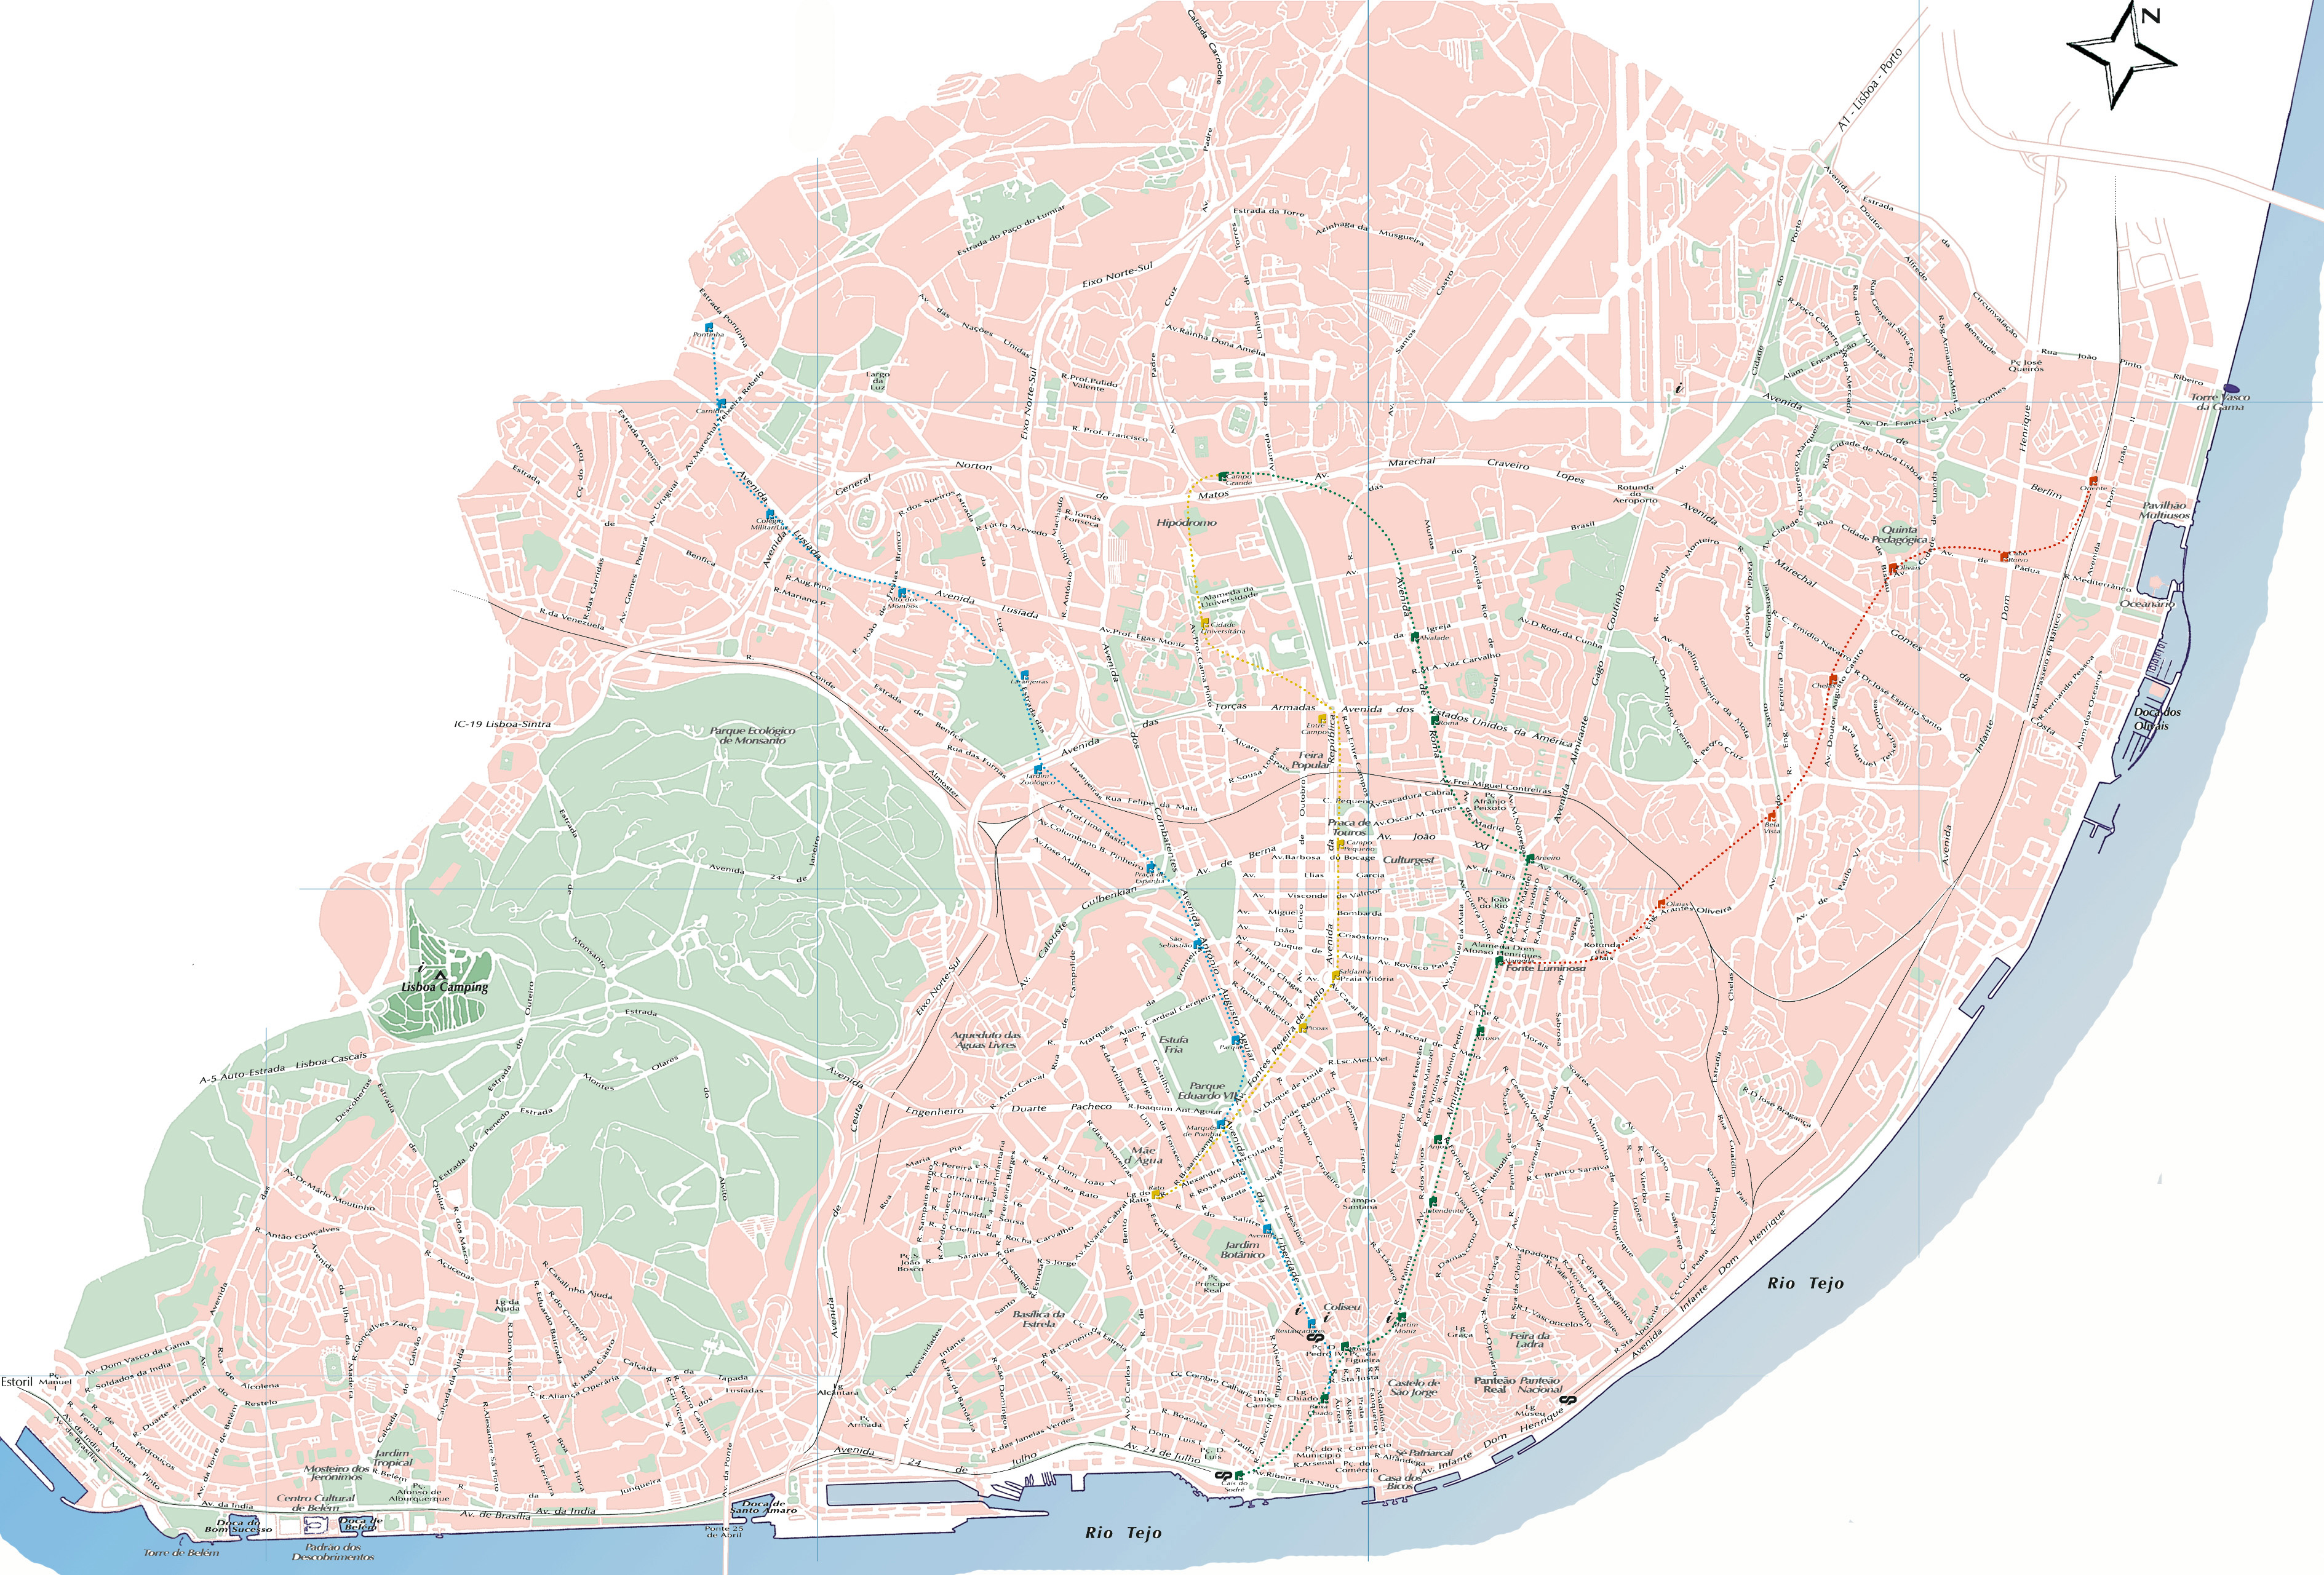 mapa ruas cidade lisboa Mapas de Portugal, Mapa de Lisboa | Faça o Download Gratuitamente mapa ruas cidade lisboa